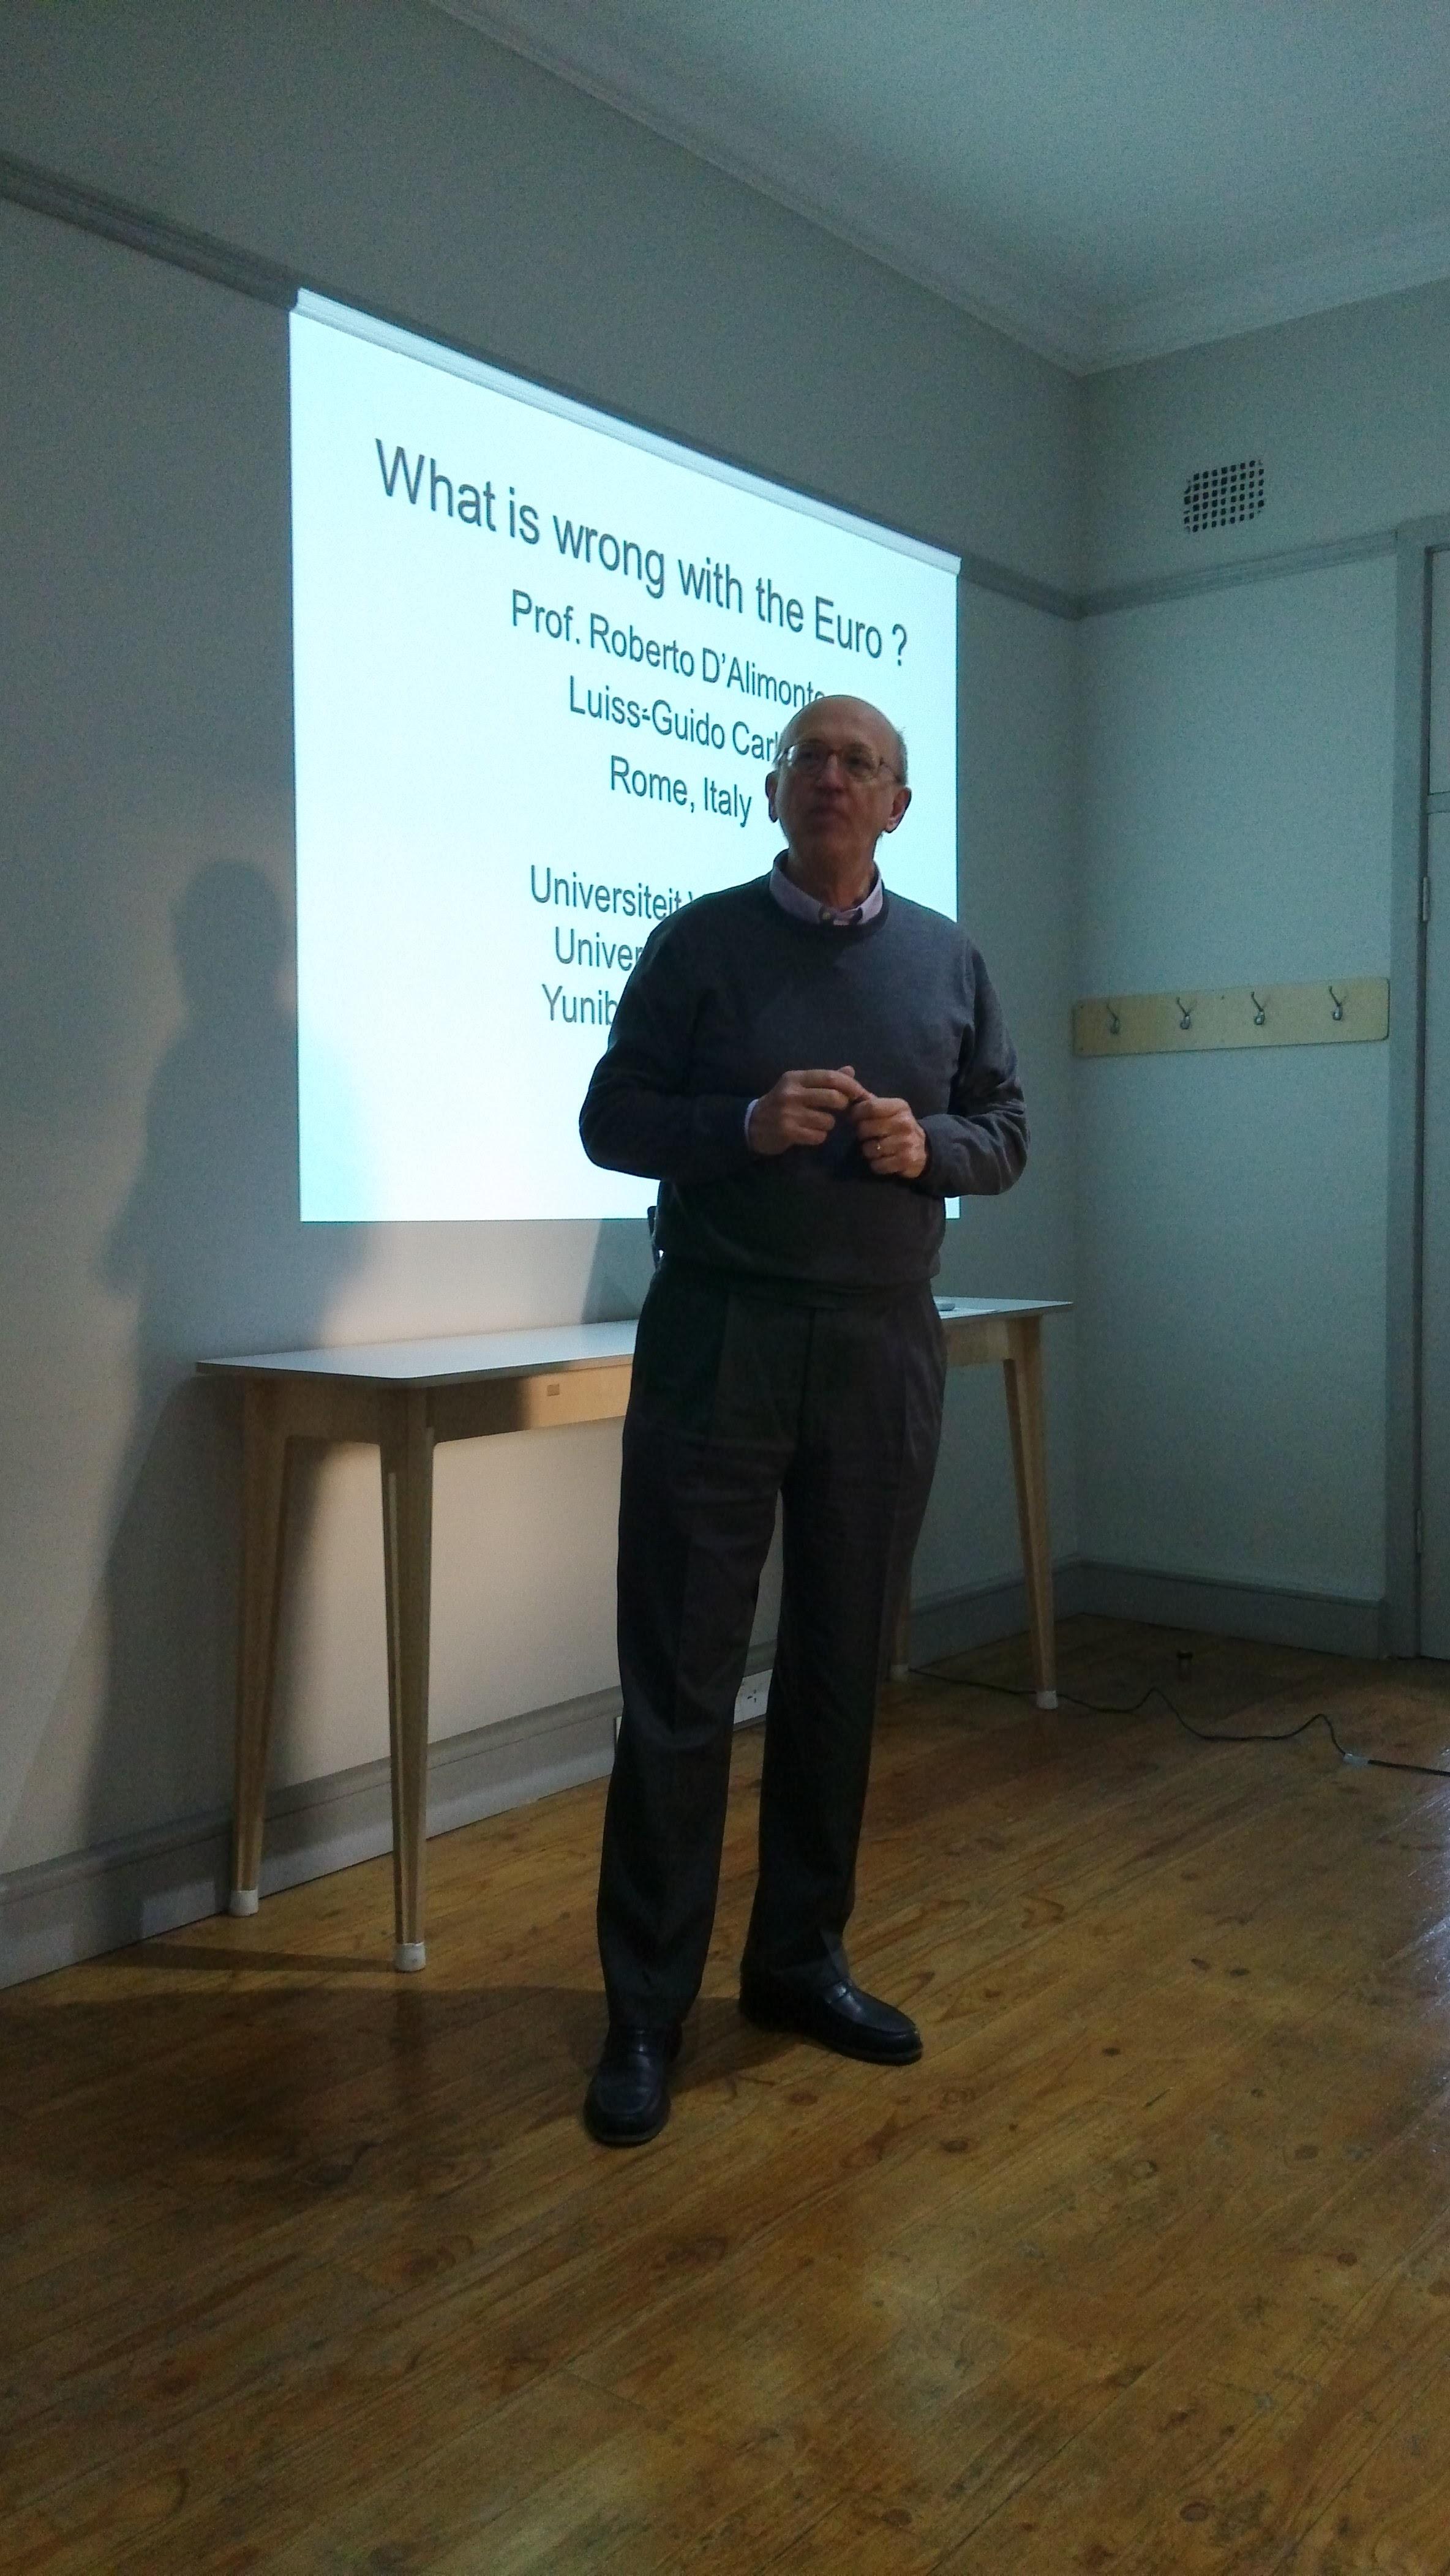 Prof. Roberto D'Alimonte